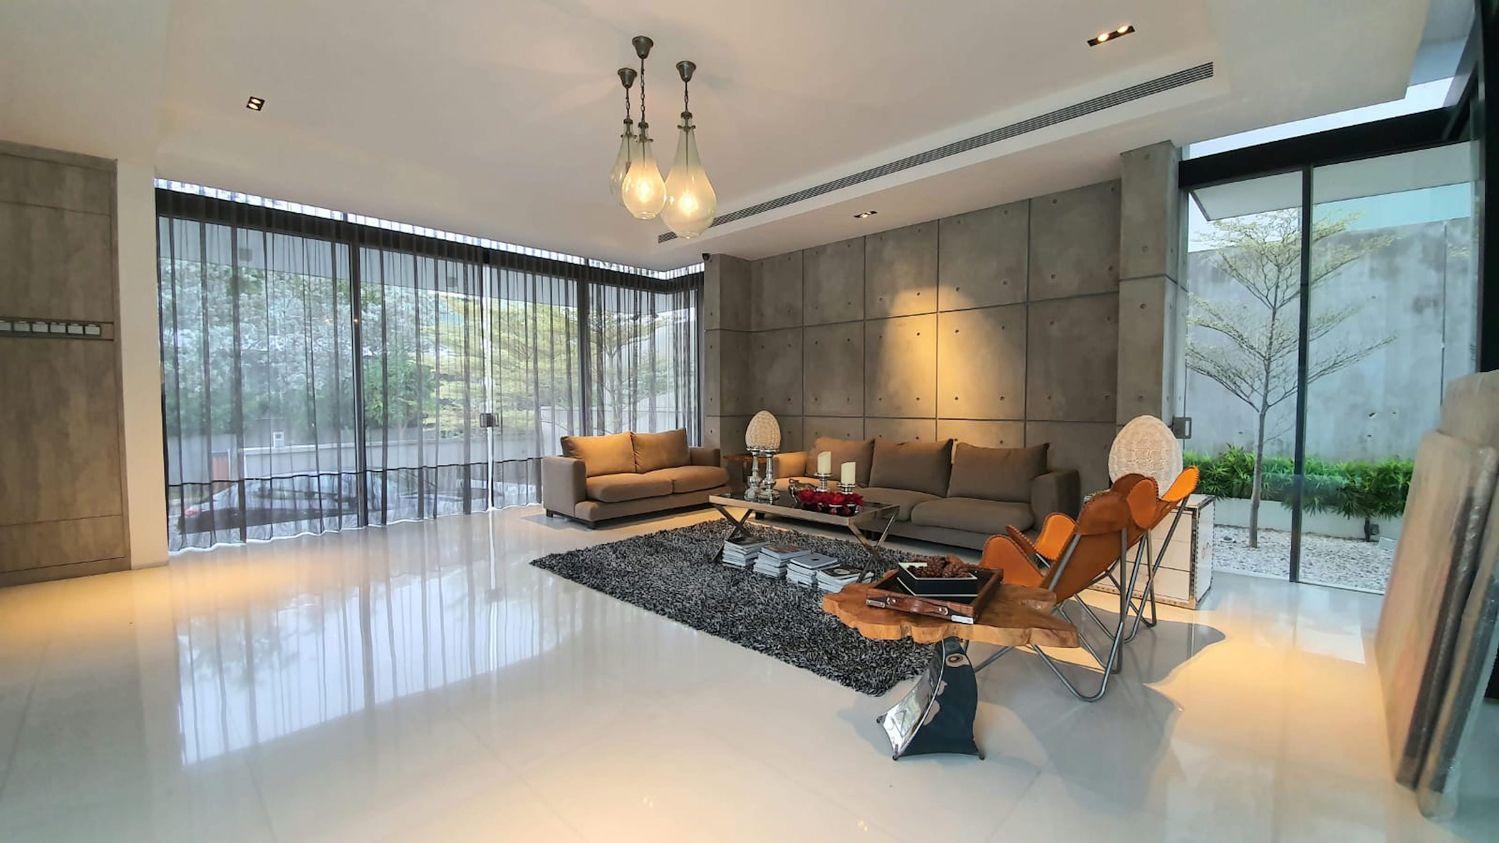 89-BRANKSOME-RD-LIVING-ROOM-2-REALSTAR - EDGEPROP SINGAPORE